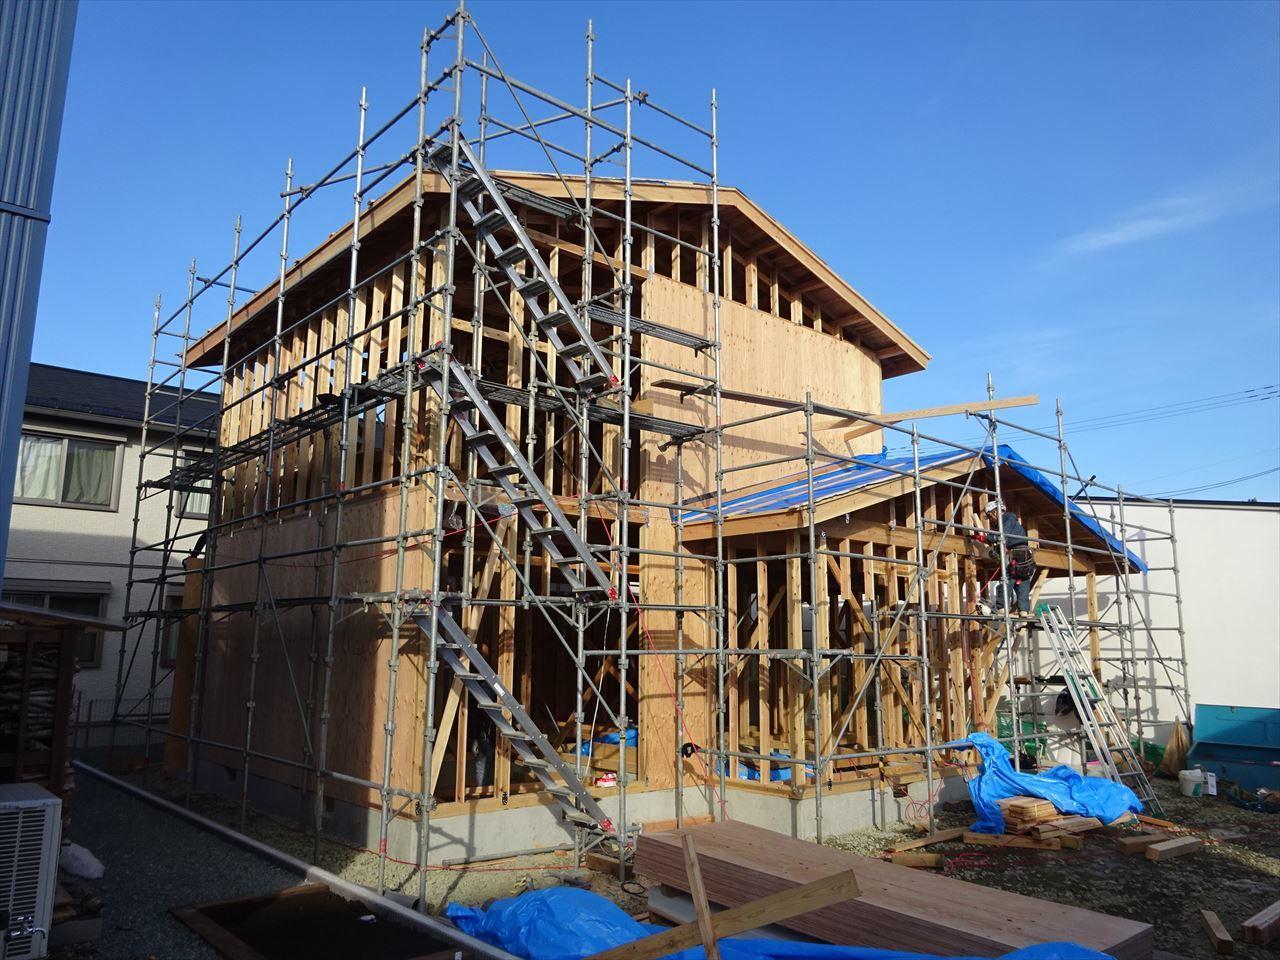 下太田 古材新築の家 建て方作業進行中です。_f0105112_04083053.jpg